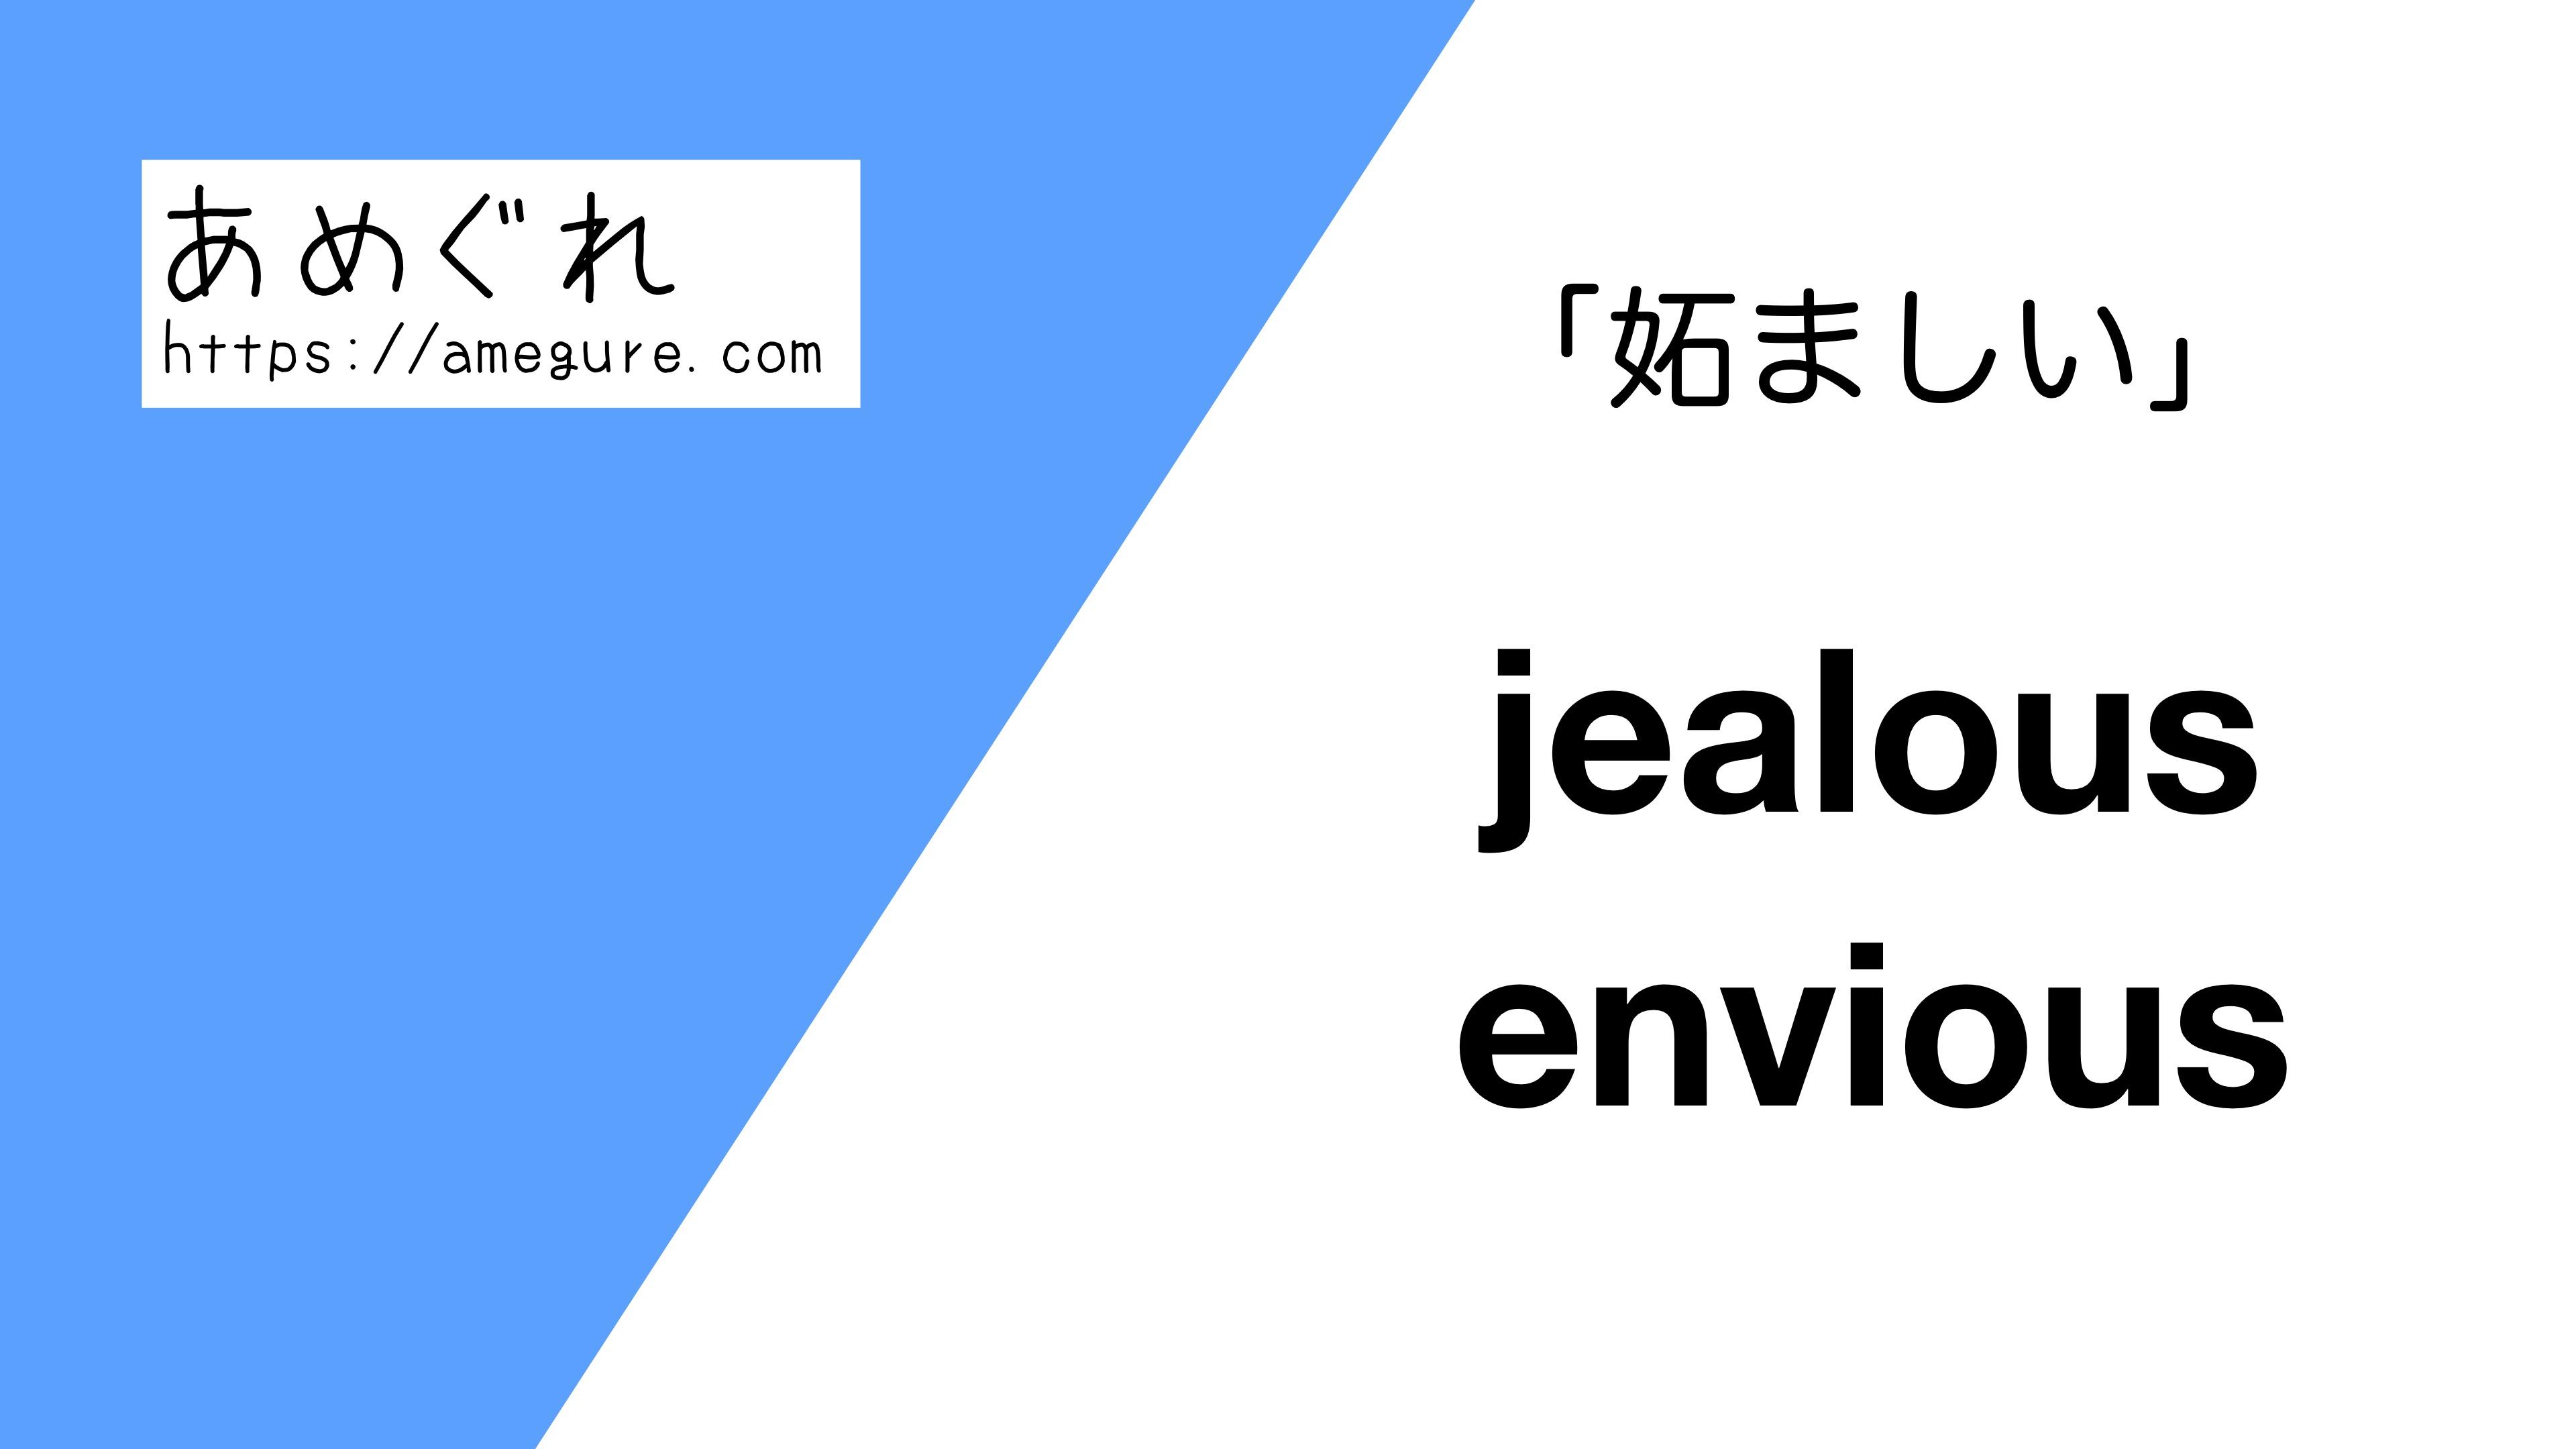 jealous-envious違い